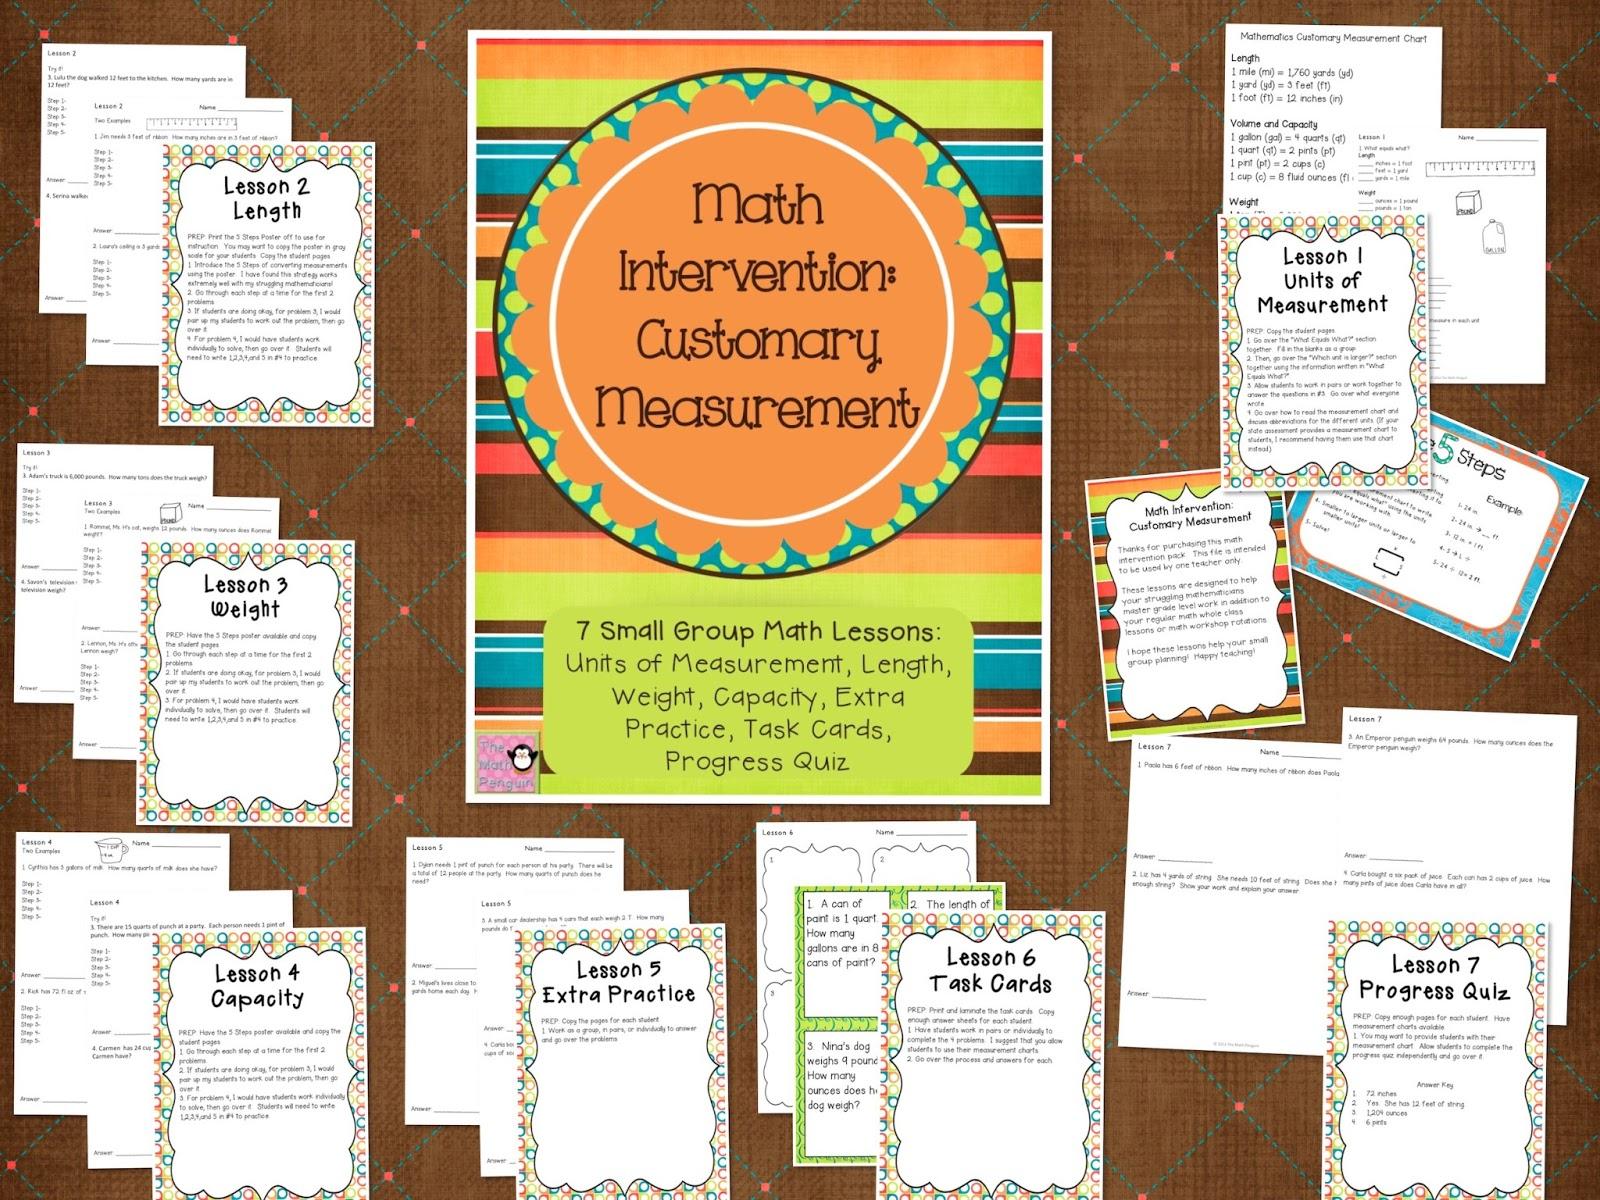 Common Core Activities Math Intervention Customary